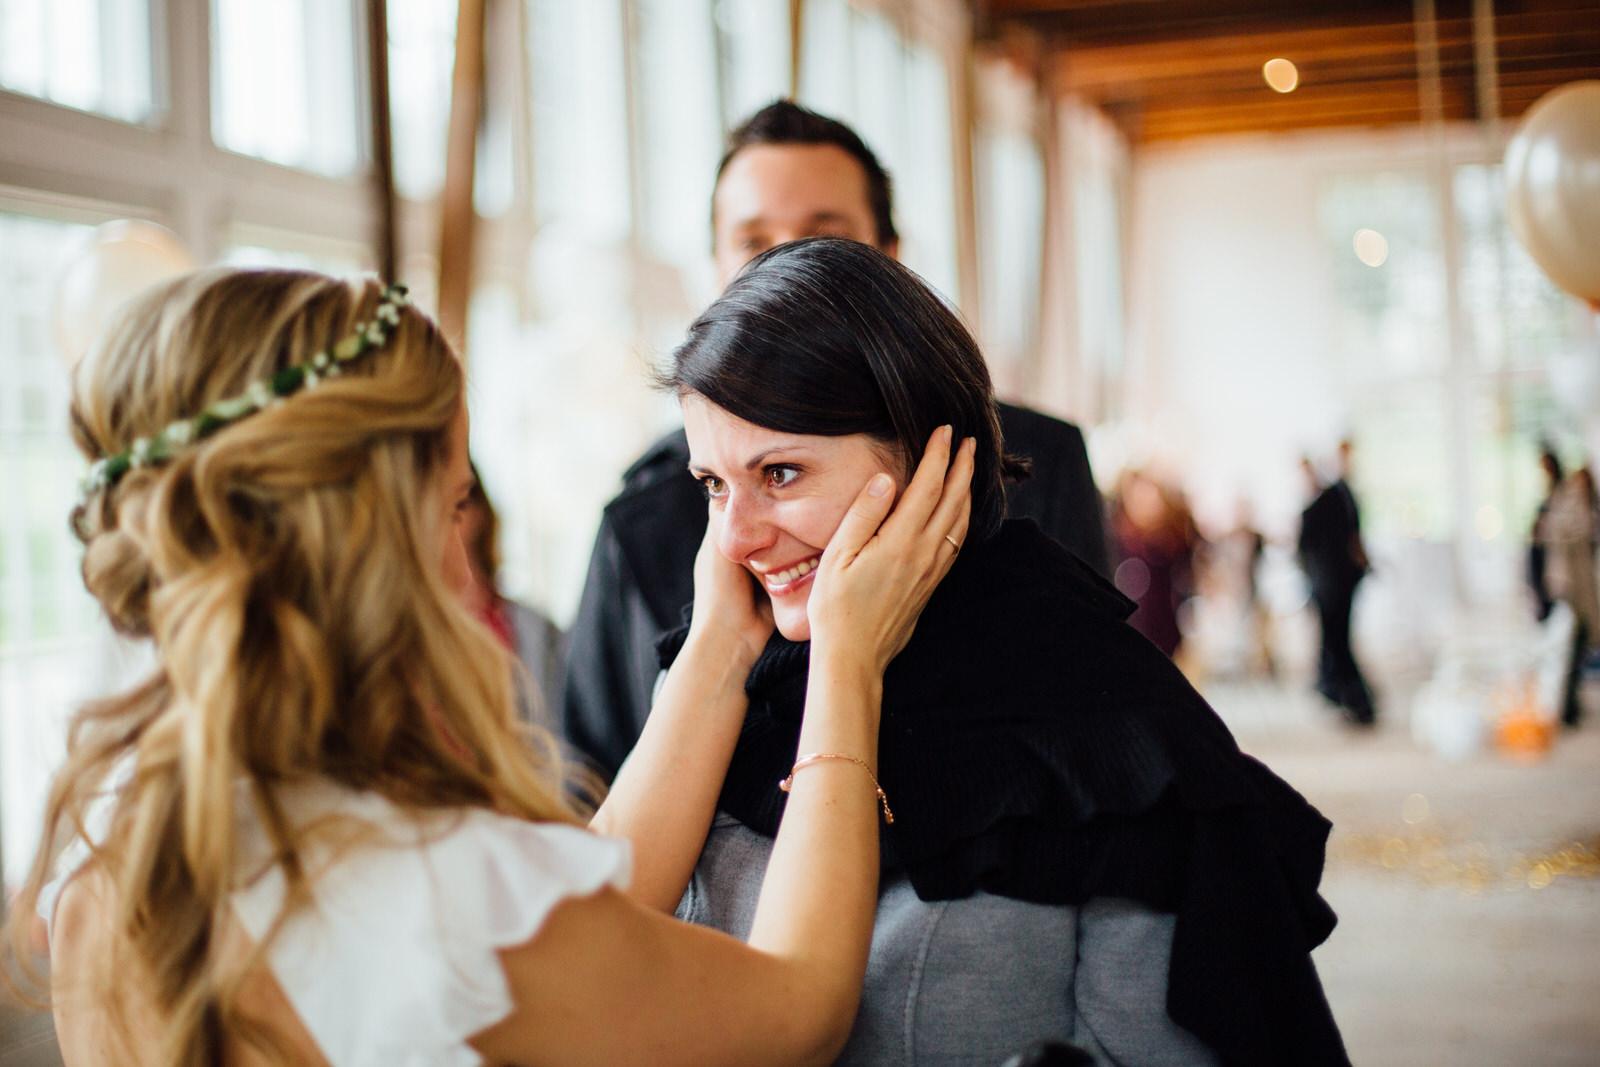 Hochzeitsfotograf_Rödental_Alte_Mühle_Alte_Orangerie_Schloss_Rosenau_100227246.JPG